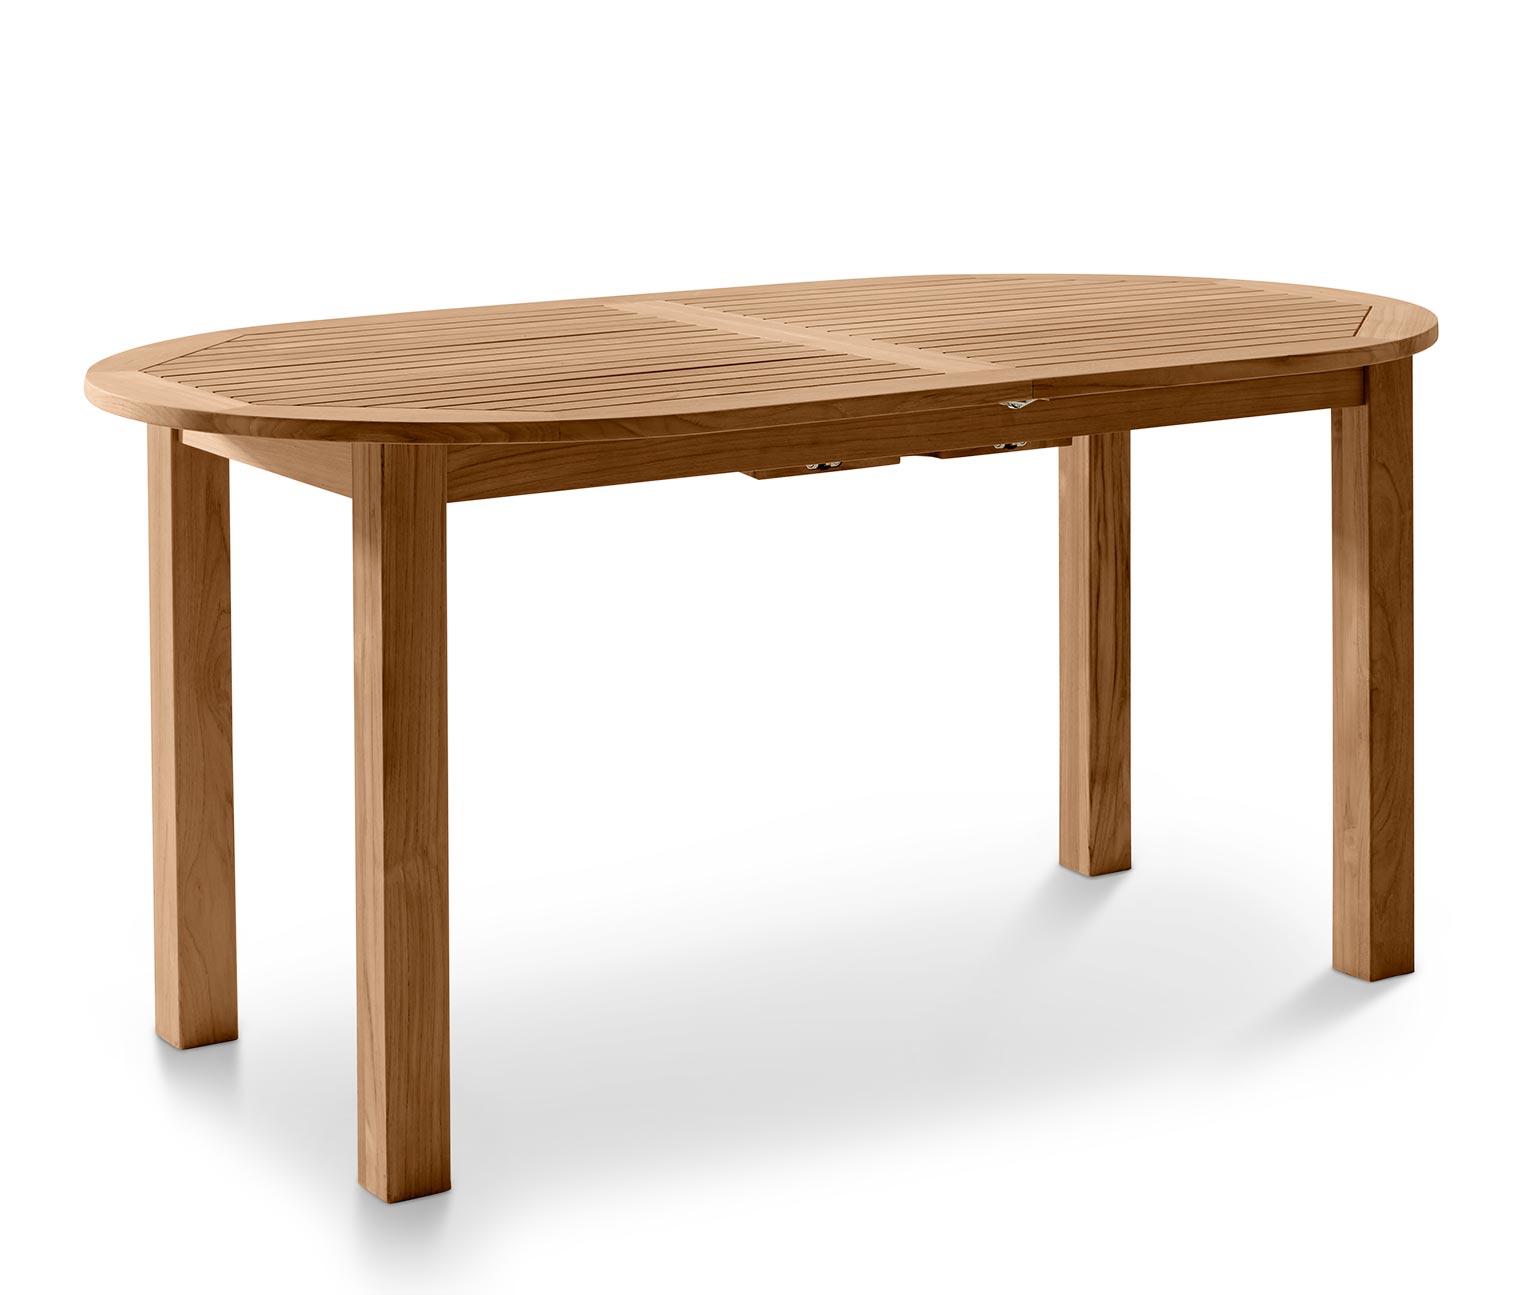 Détails sur Teak-Gartentisch Env. 150-200x90 Extensible à Manger Table en  Bois Ovale